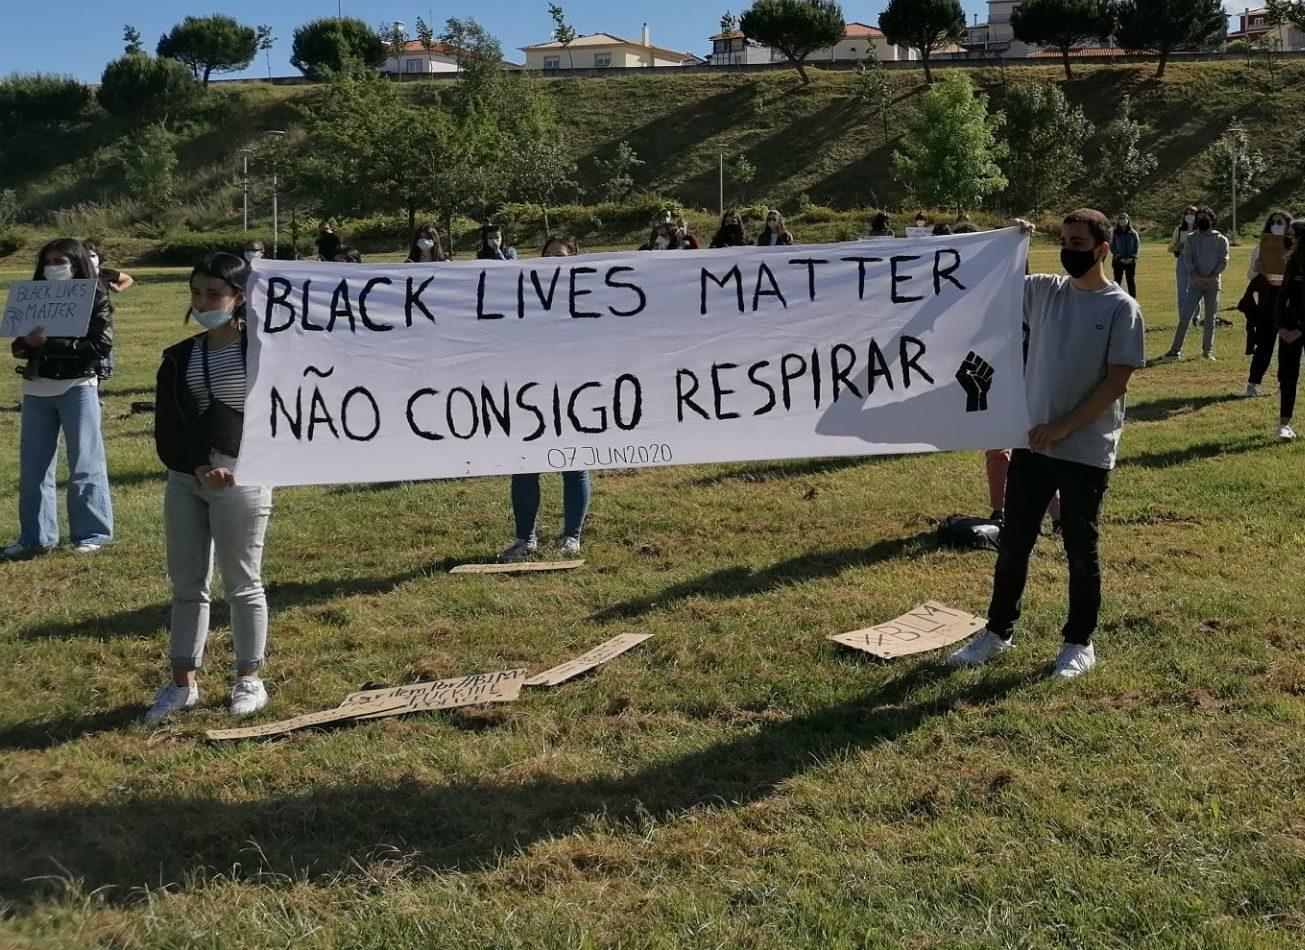 Mais de 100 pessoas juntaram-se nos relvados do parque Pólis da Guarda na vigília Black Lives Matter